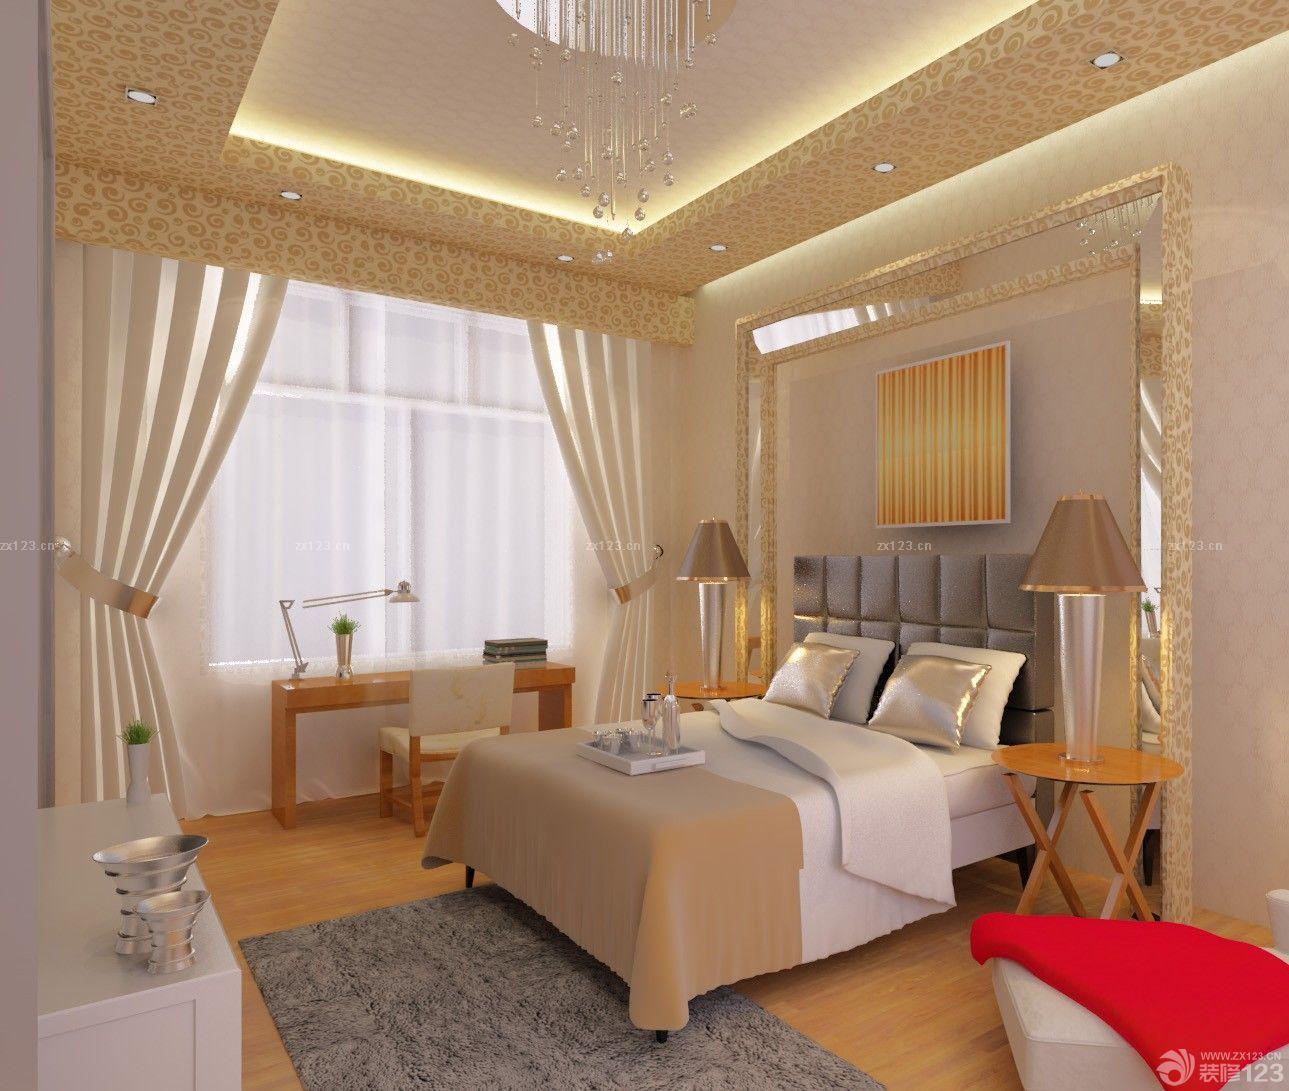 背景墙 房间 家居 起居室 设计 卧室 卧室装修 现代 装修 1289_1091图片